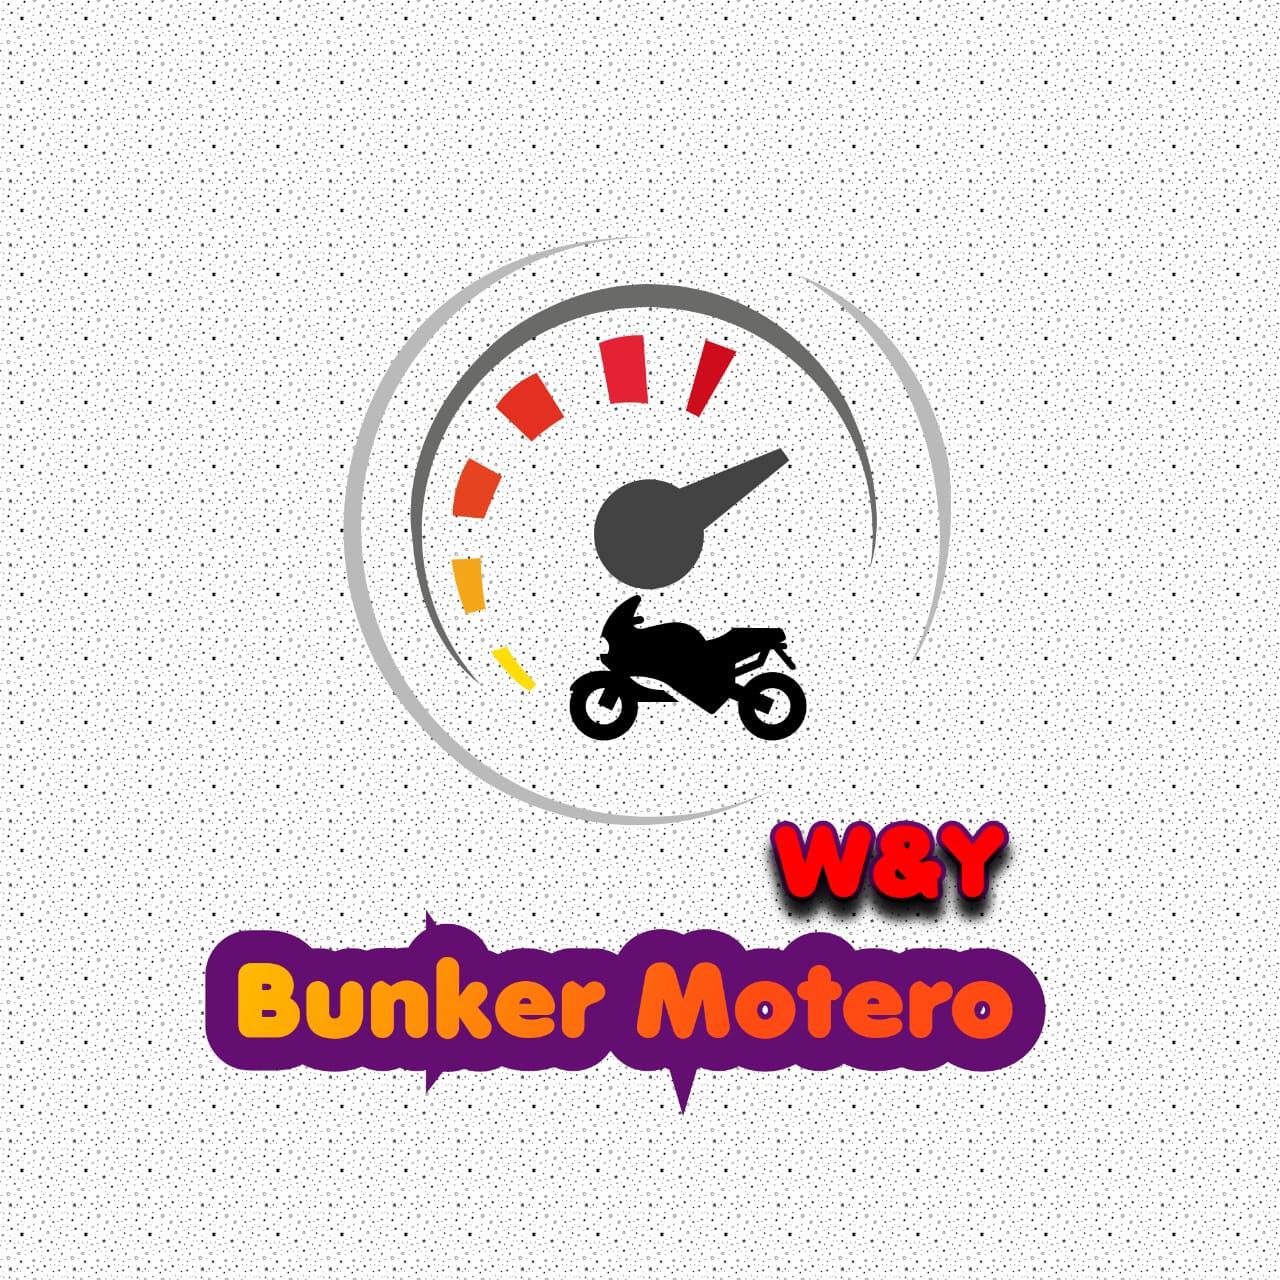 Bunker Motero